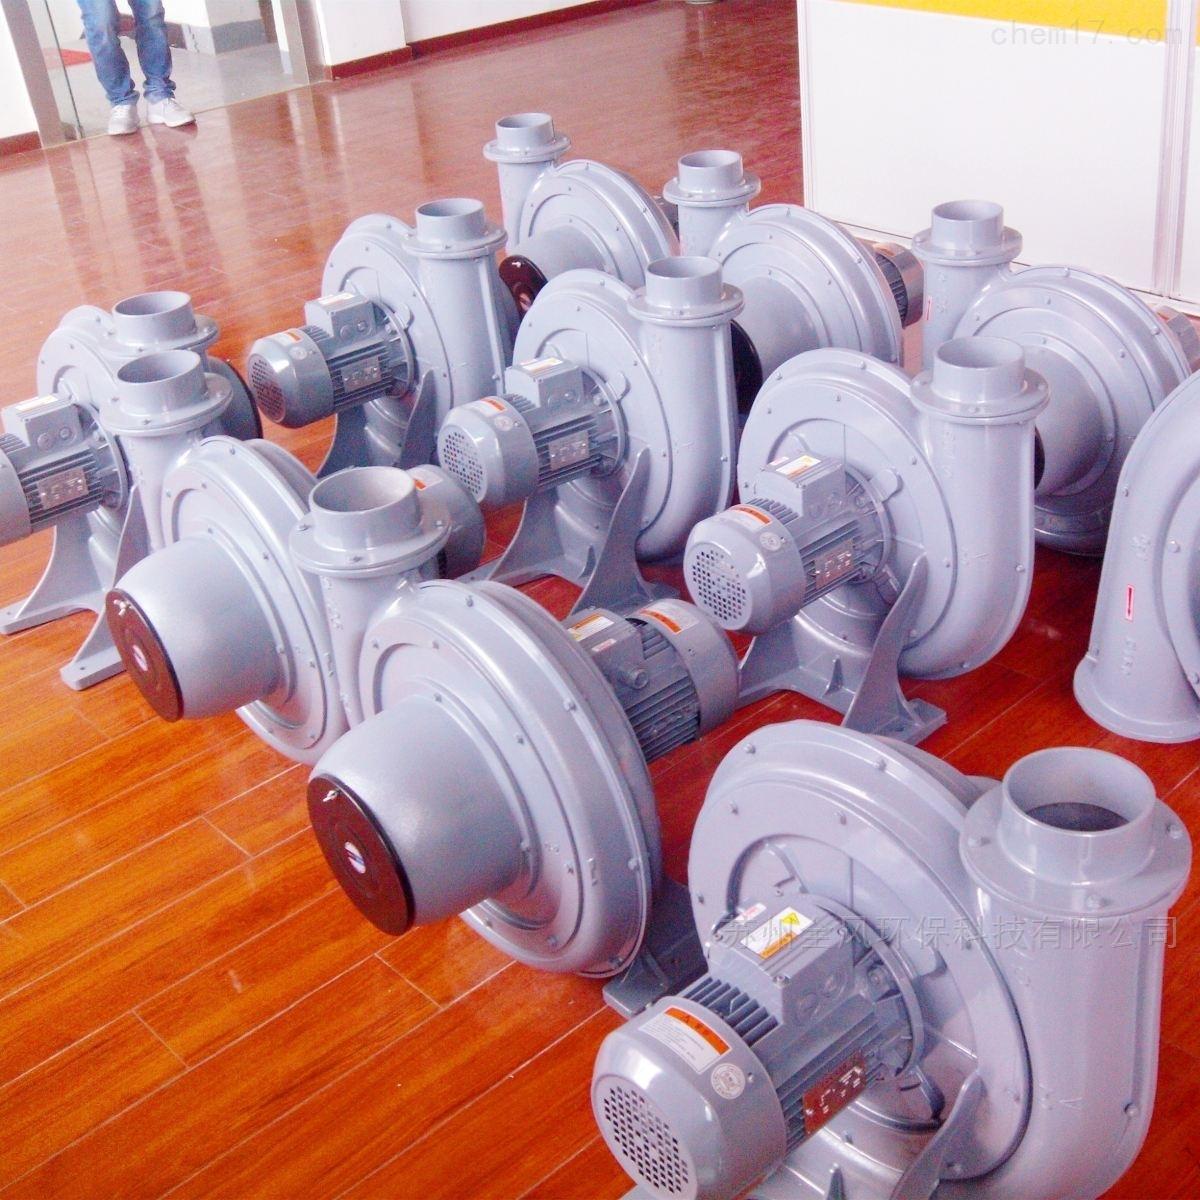 江苏全风工厂直销塑料机械鼓风机